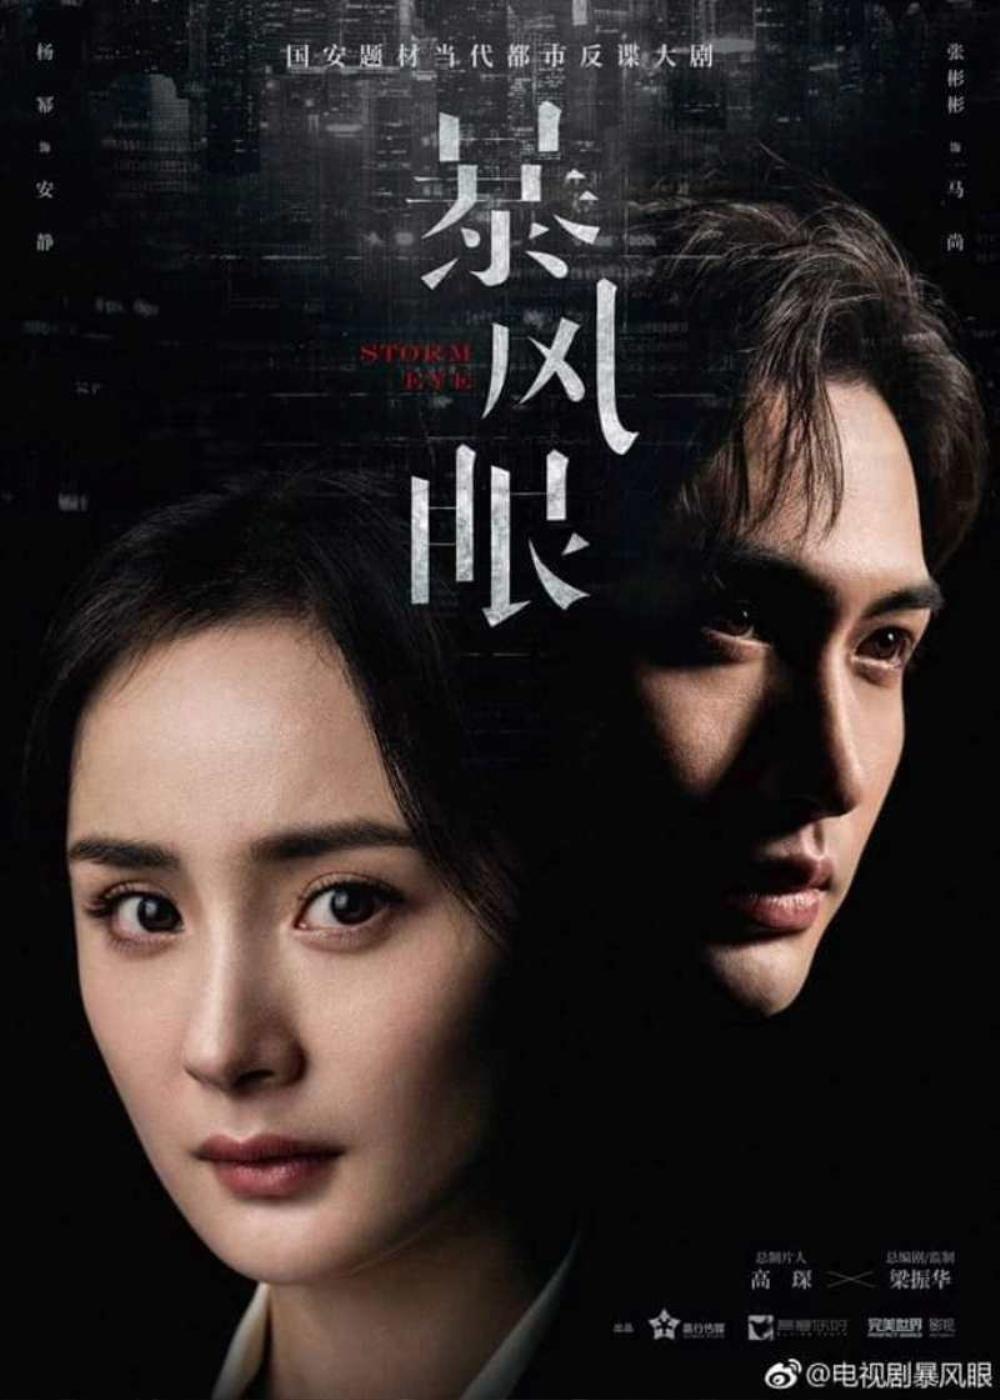 Top 5 phim Hoa Ngữ hot nhất toàn mạng: Sơn hà lệnh bất ngờ vắng mặt, Đấu la đại lục lại trụ vững Ảnh 9